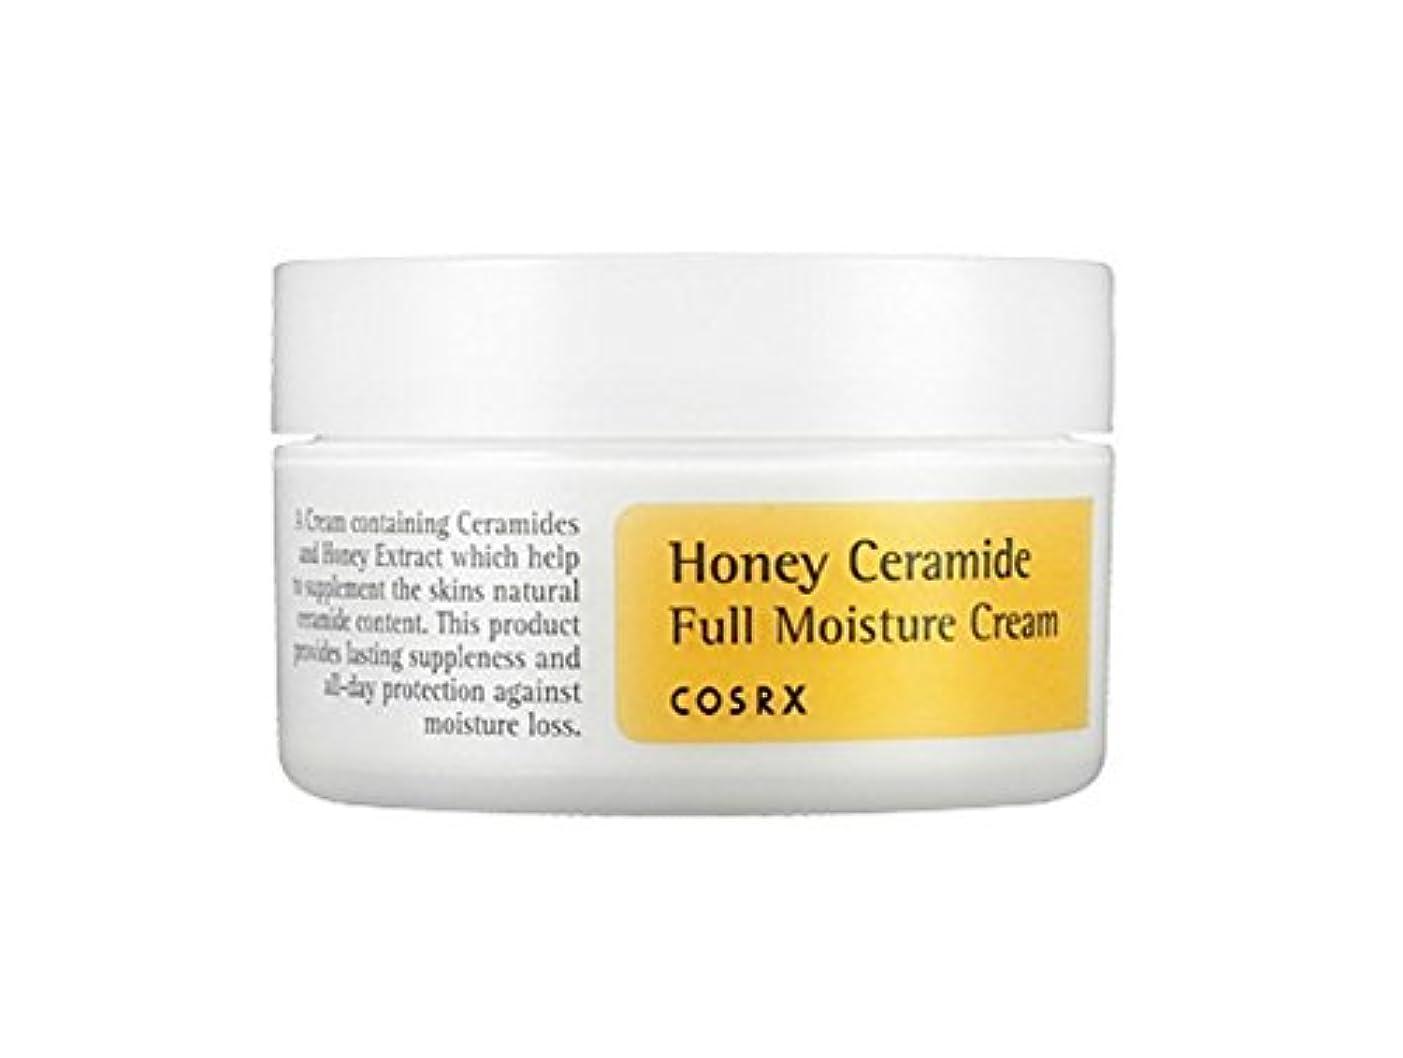 マイルド後セクタCOSRX Honey Ceramide Full Moisture Cream 50ml/COSRX ハニー セラミド フル モイスチャー クリーム 50ml [並行輸入品]